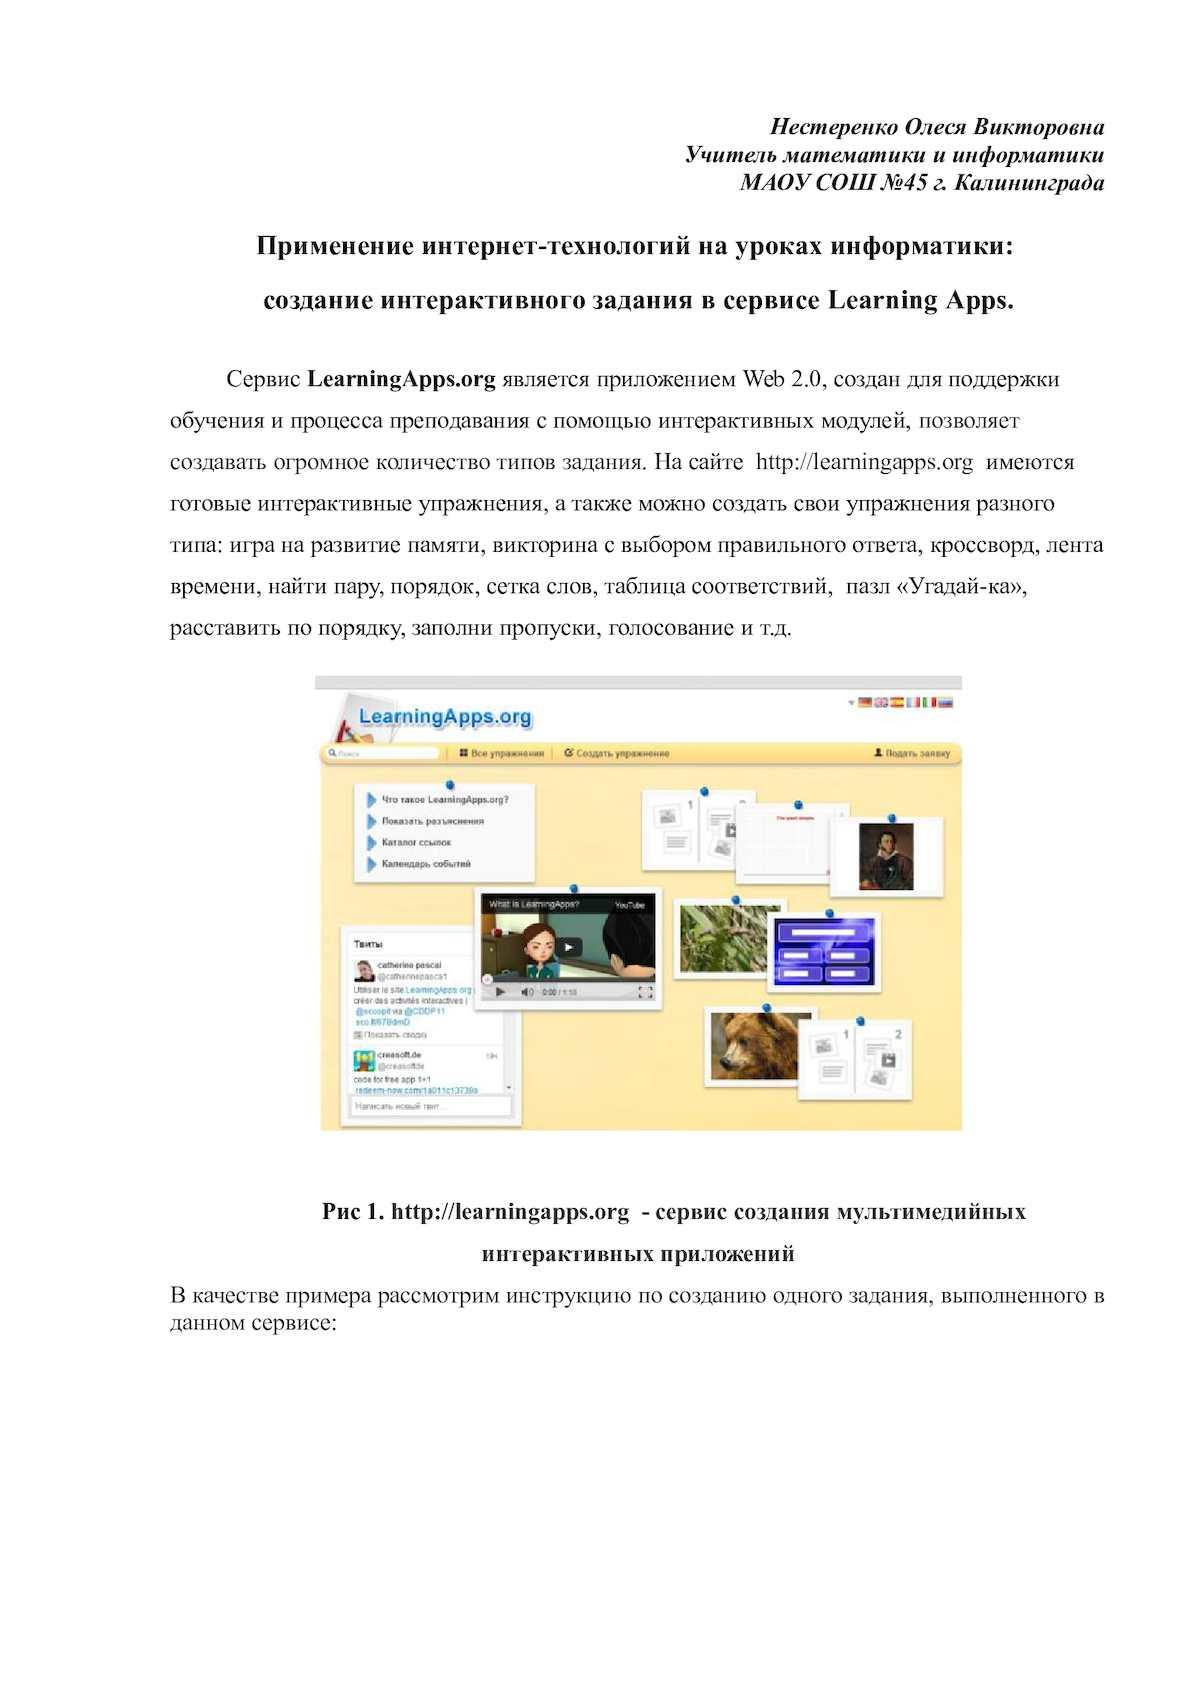 Инструкция по работе в Learning Apps Org